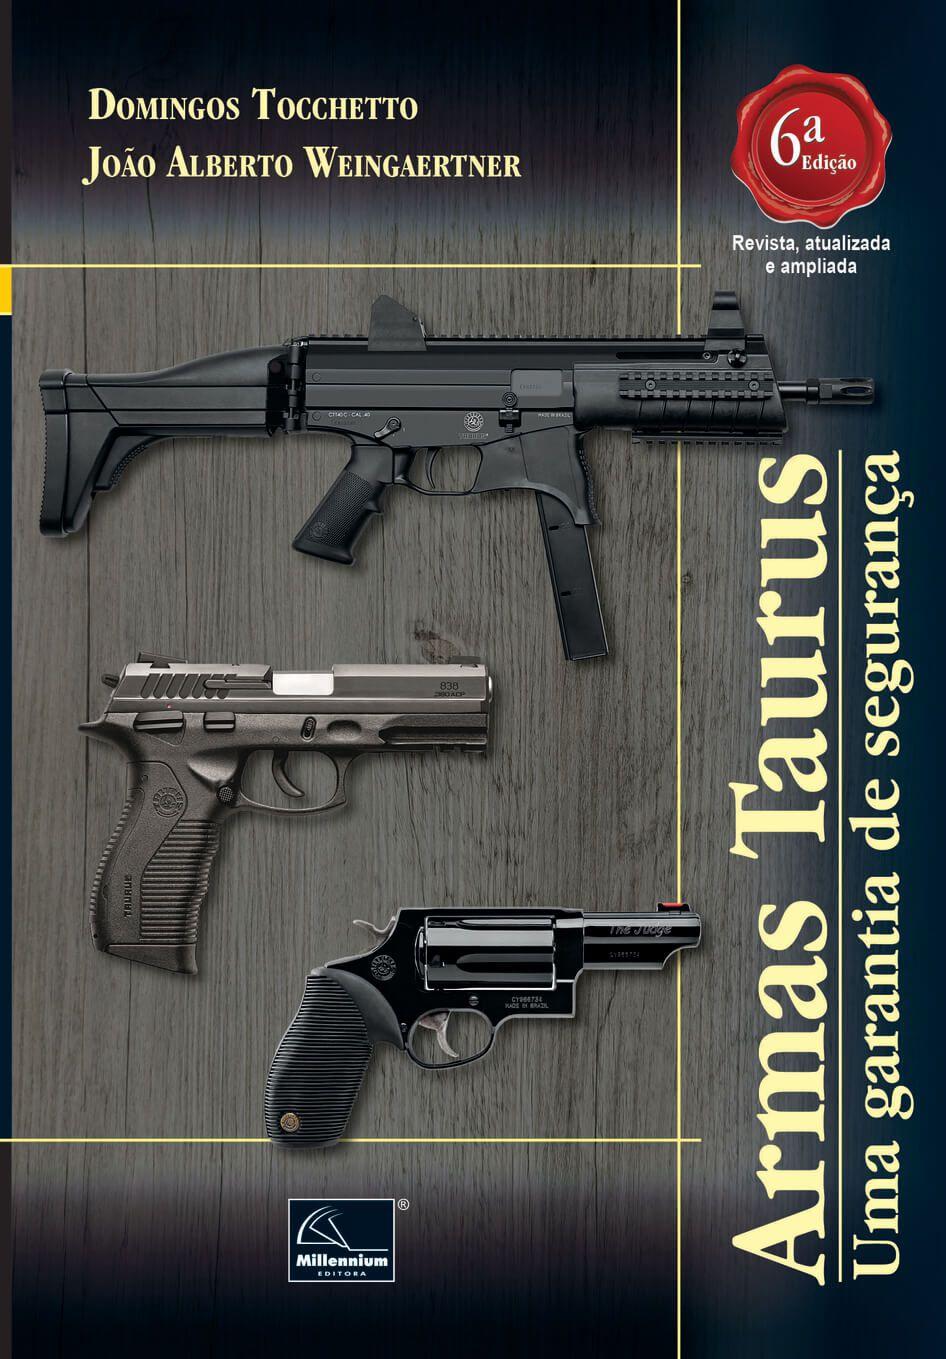 Armas Taurus – Uma garantia de segurança 6ª Edição <b>Autores: Domingos Tocchetto - João Alberto Weingaertner</b>  - Millennium Editora - Livros de Perícia